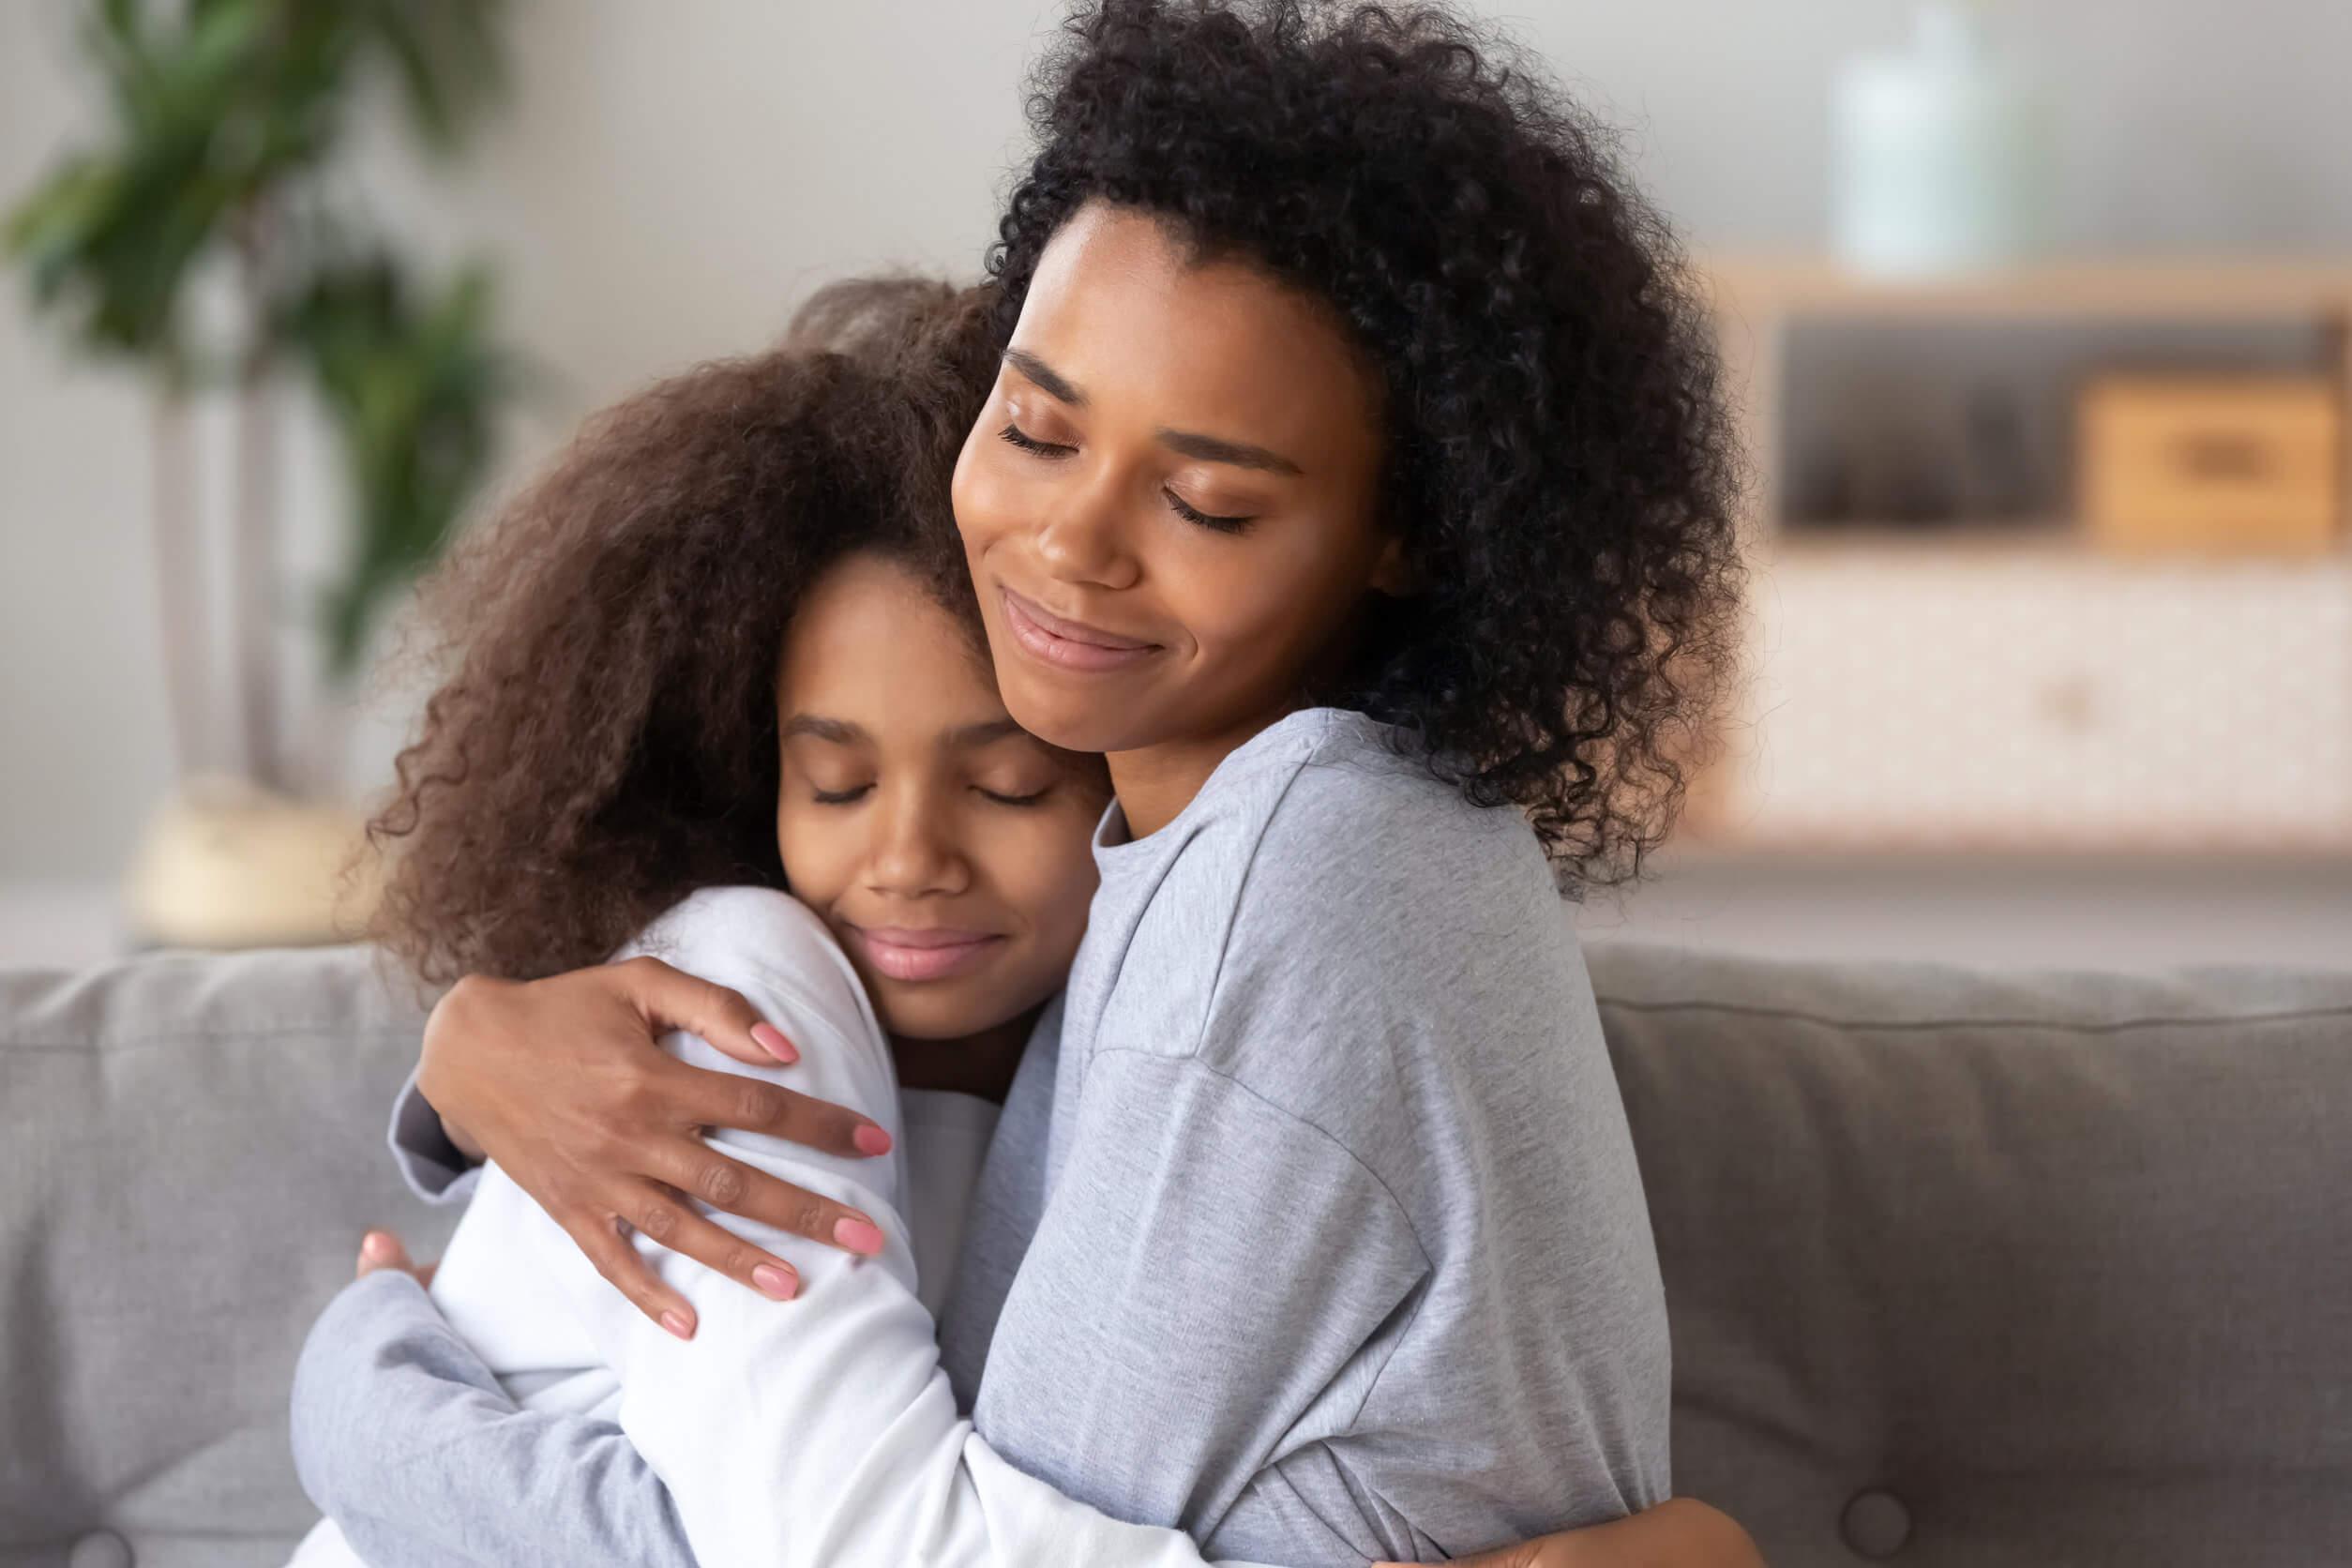 Carta que doy a mi madre y ella me abraza.